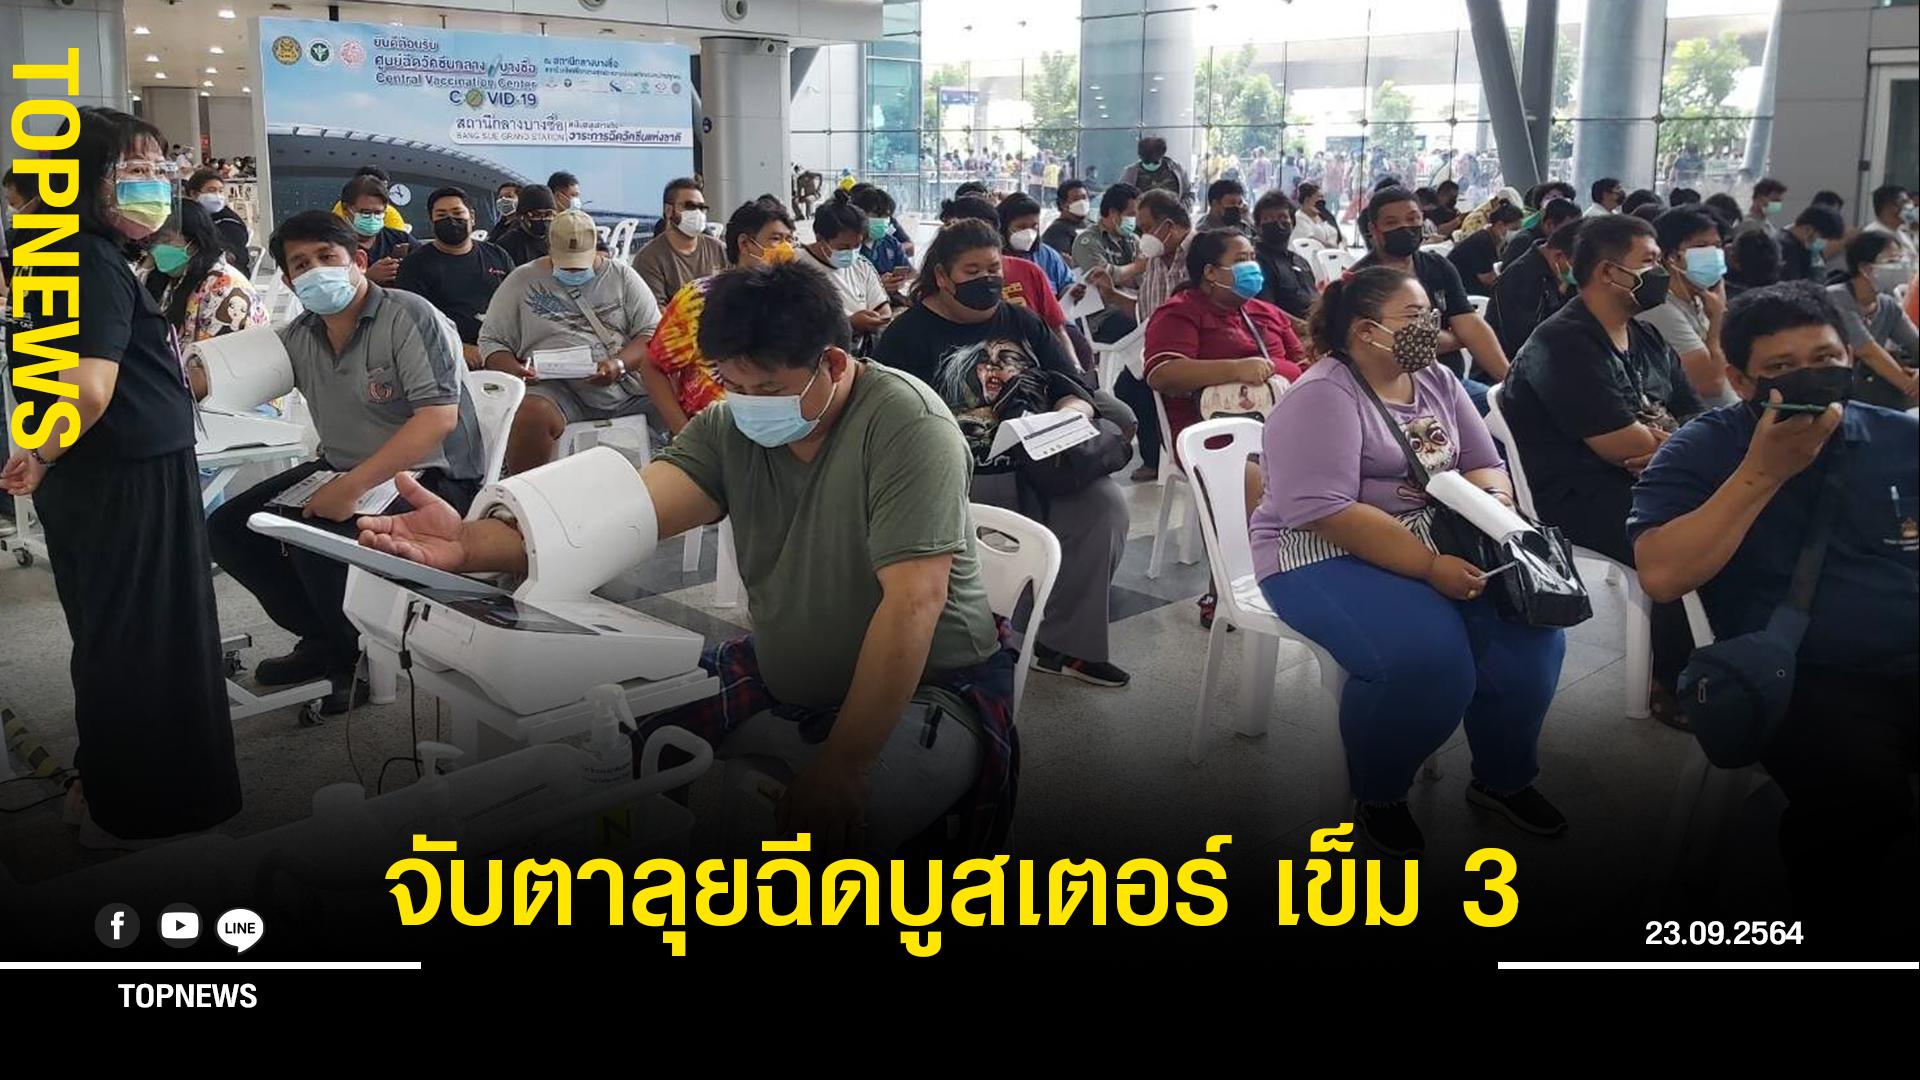 จับตารัฐ! ลุยฉีดบู๊สเตอร์ เข็ม 3 สร้างภูมิคนไทย เตรียมเปิดประเทศ หวังฟื้นเศรษฐกิจ